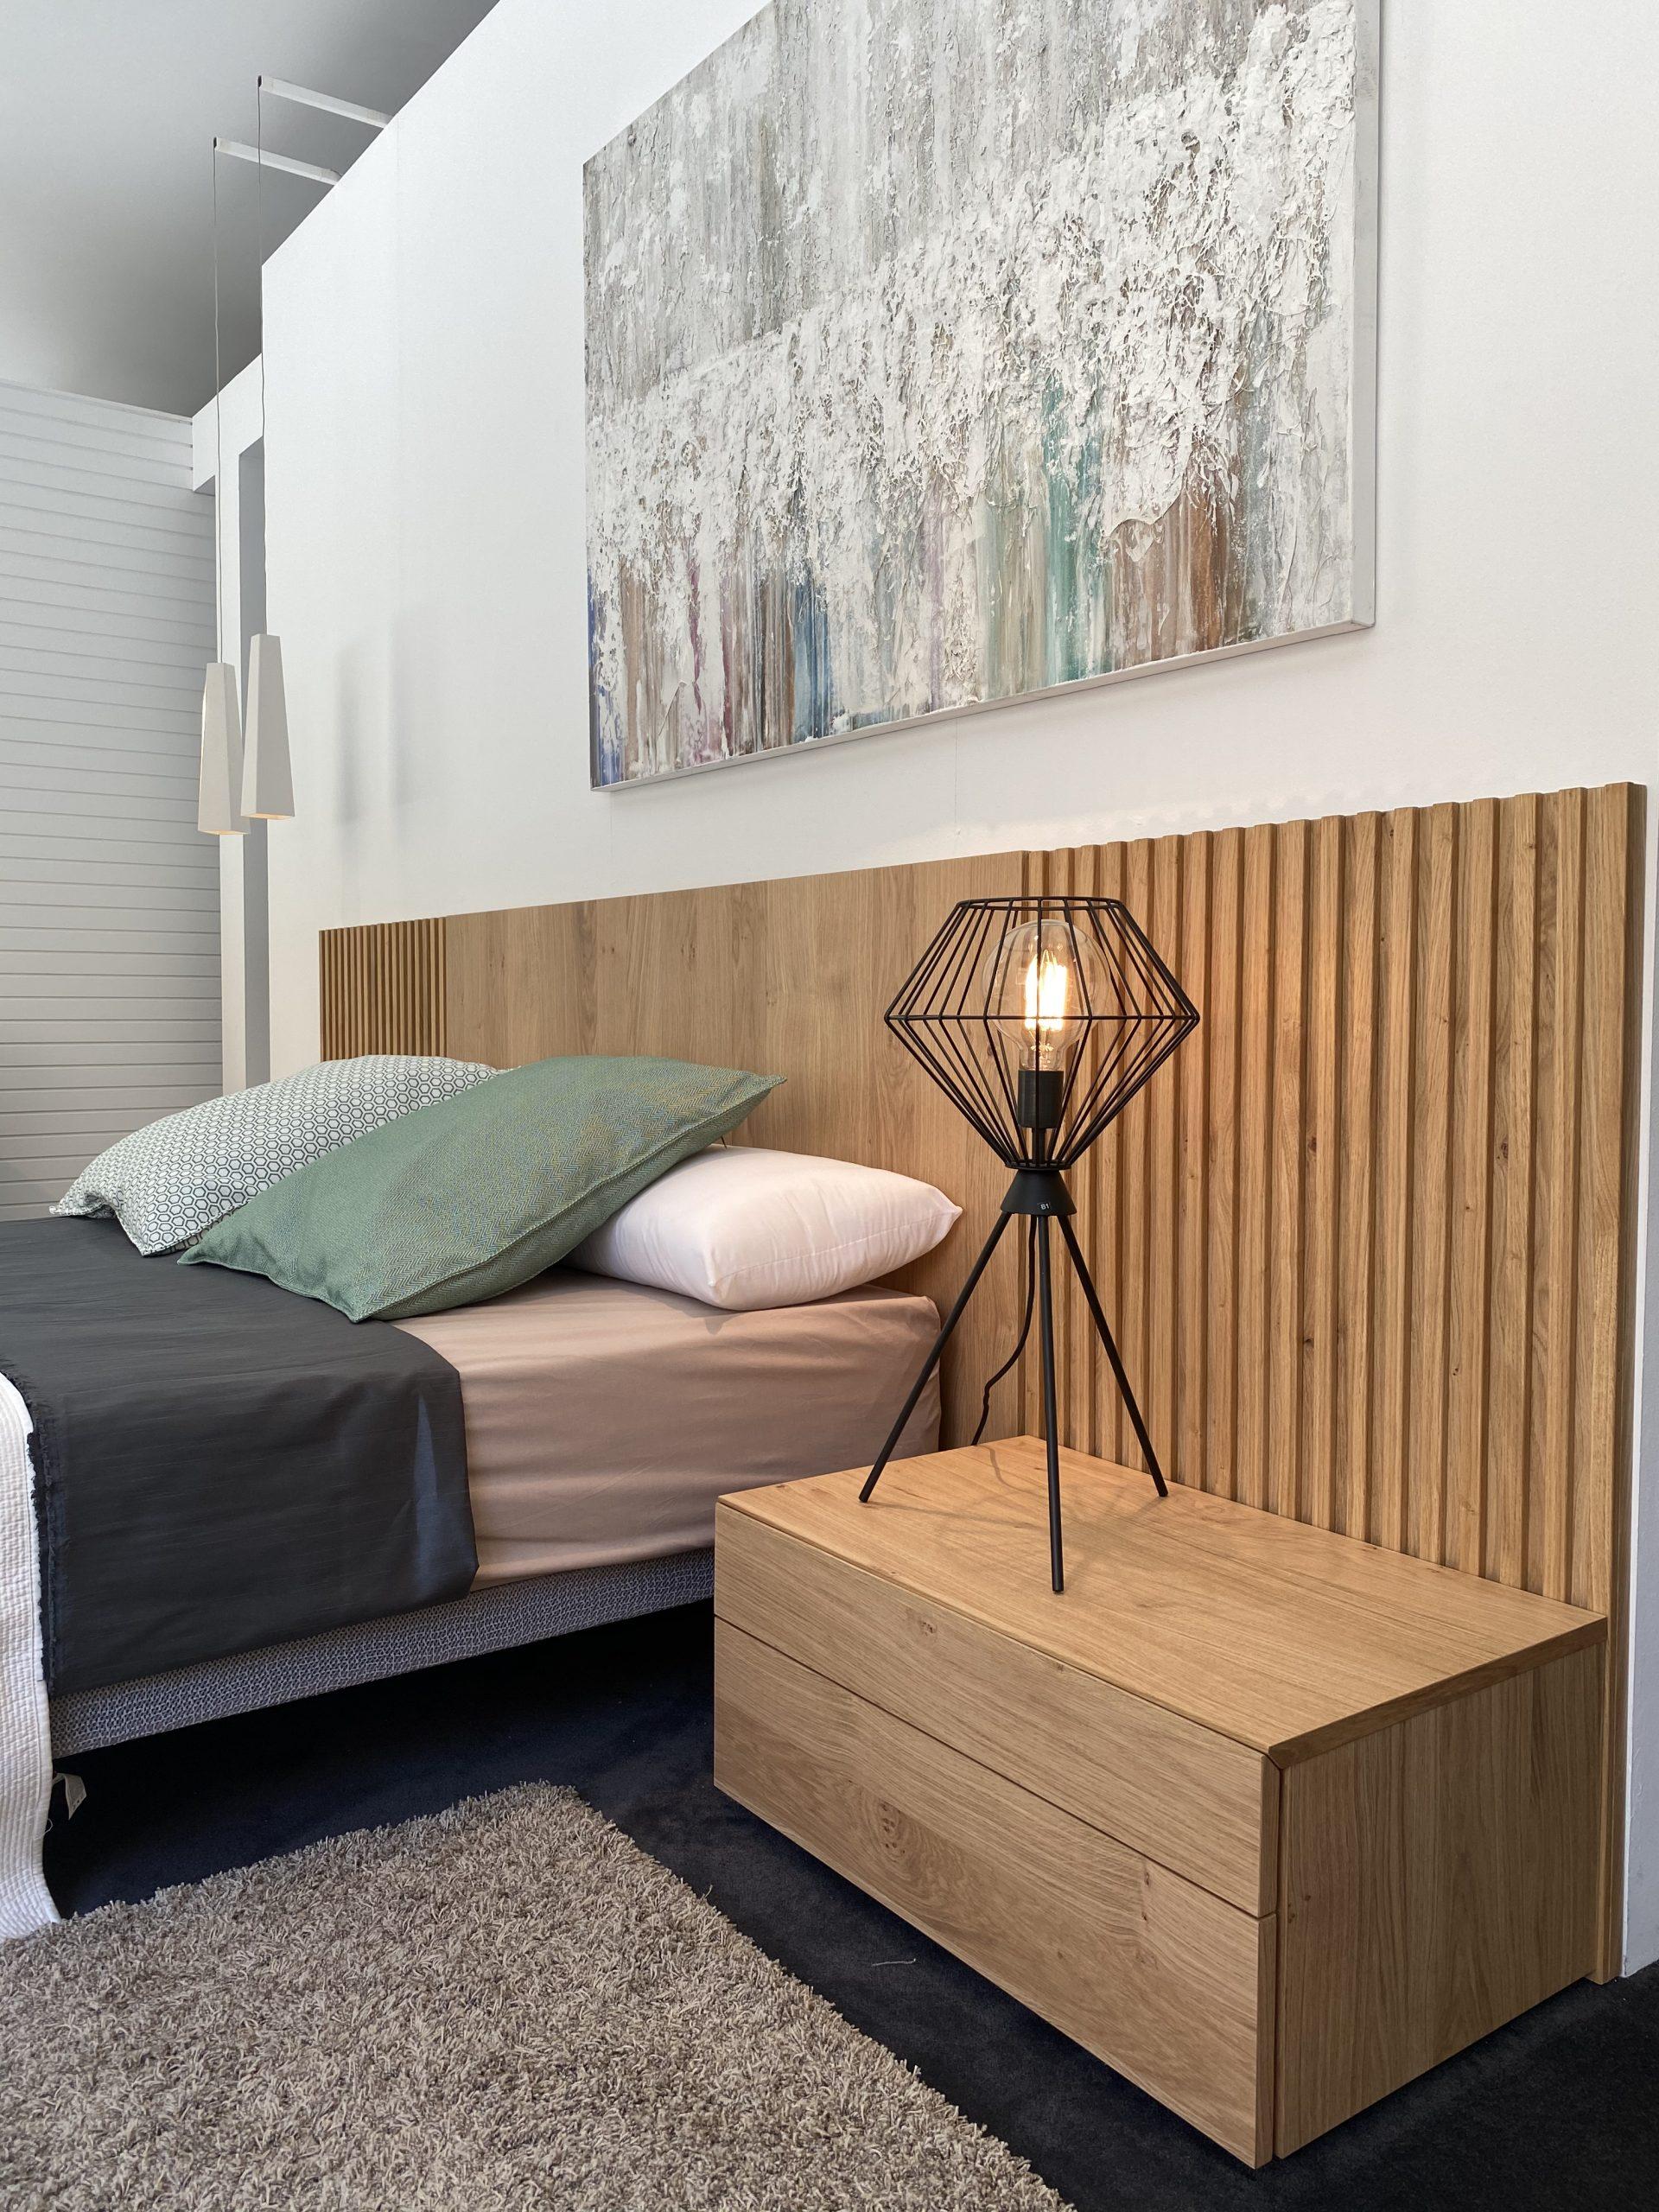 dormitorio_cama_mesita_de_noche_dormitorio_muebles_mueblesamaya